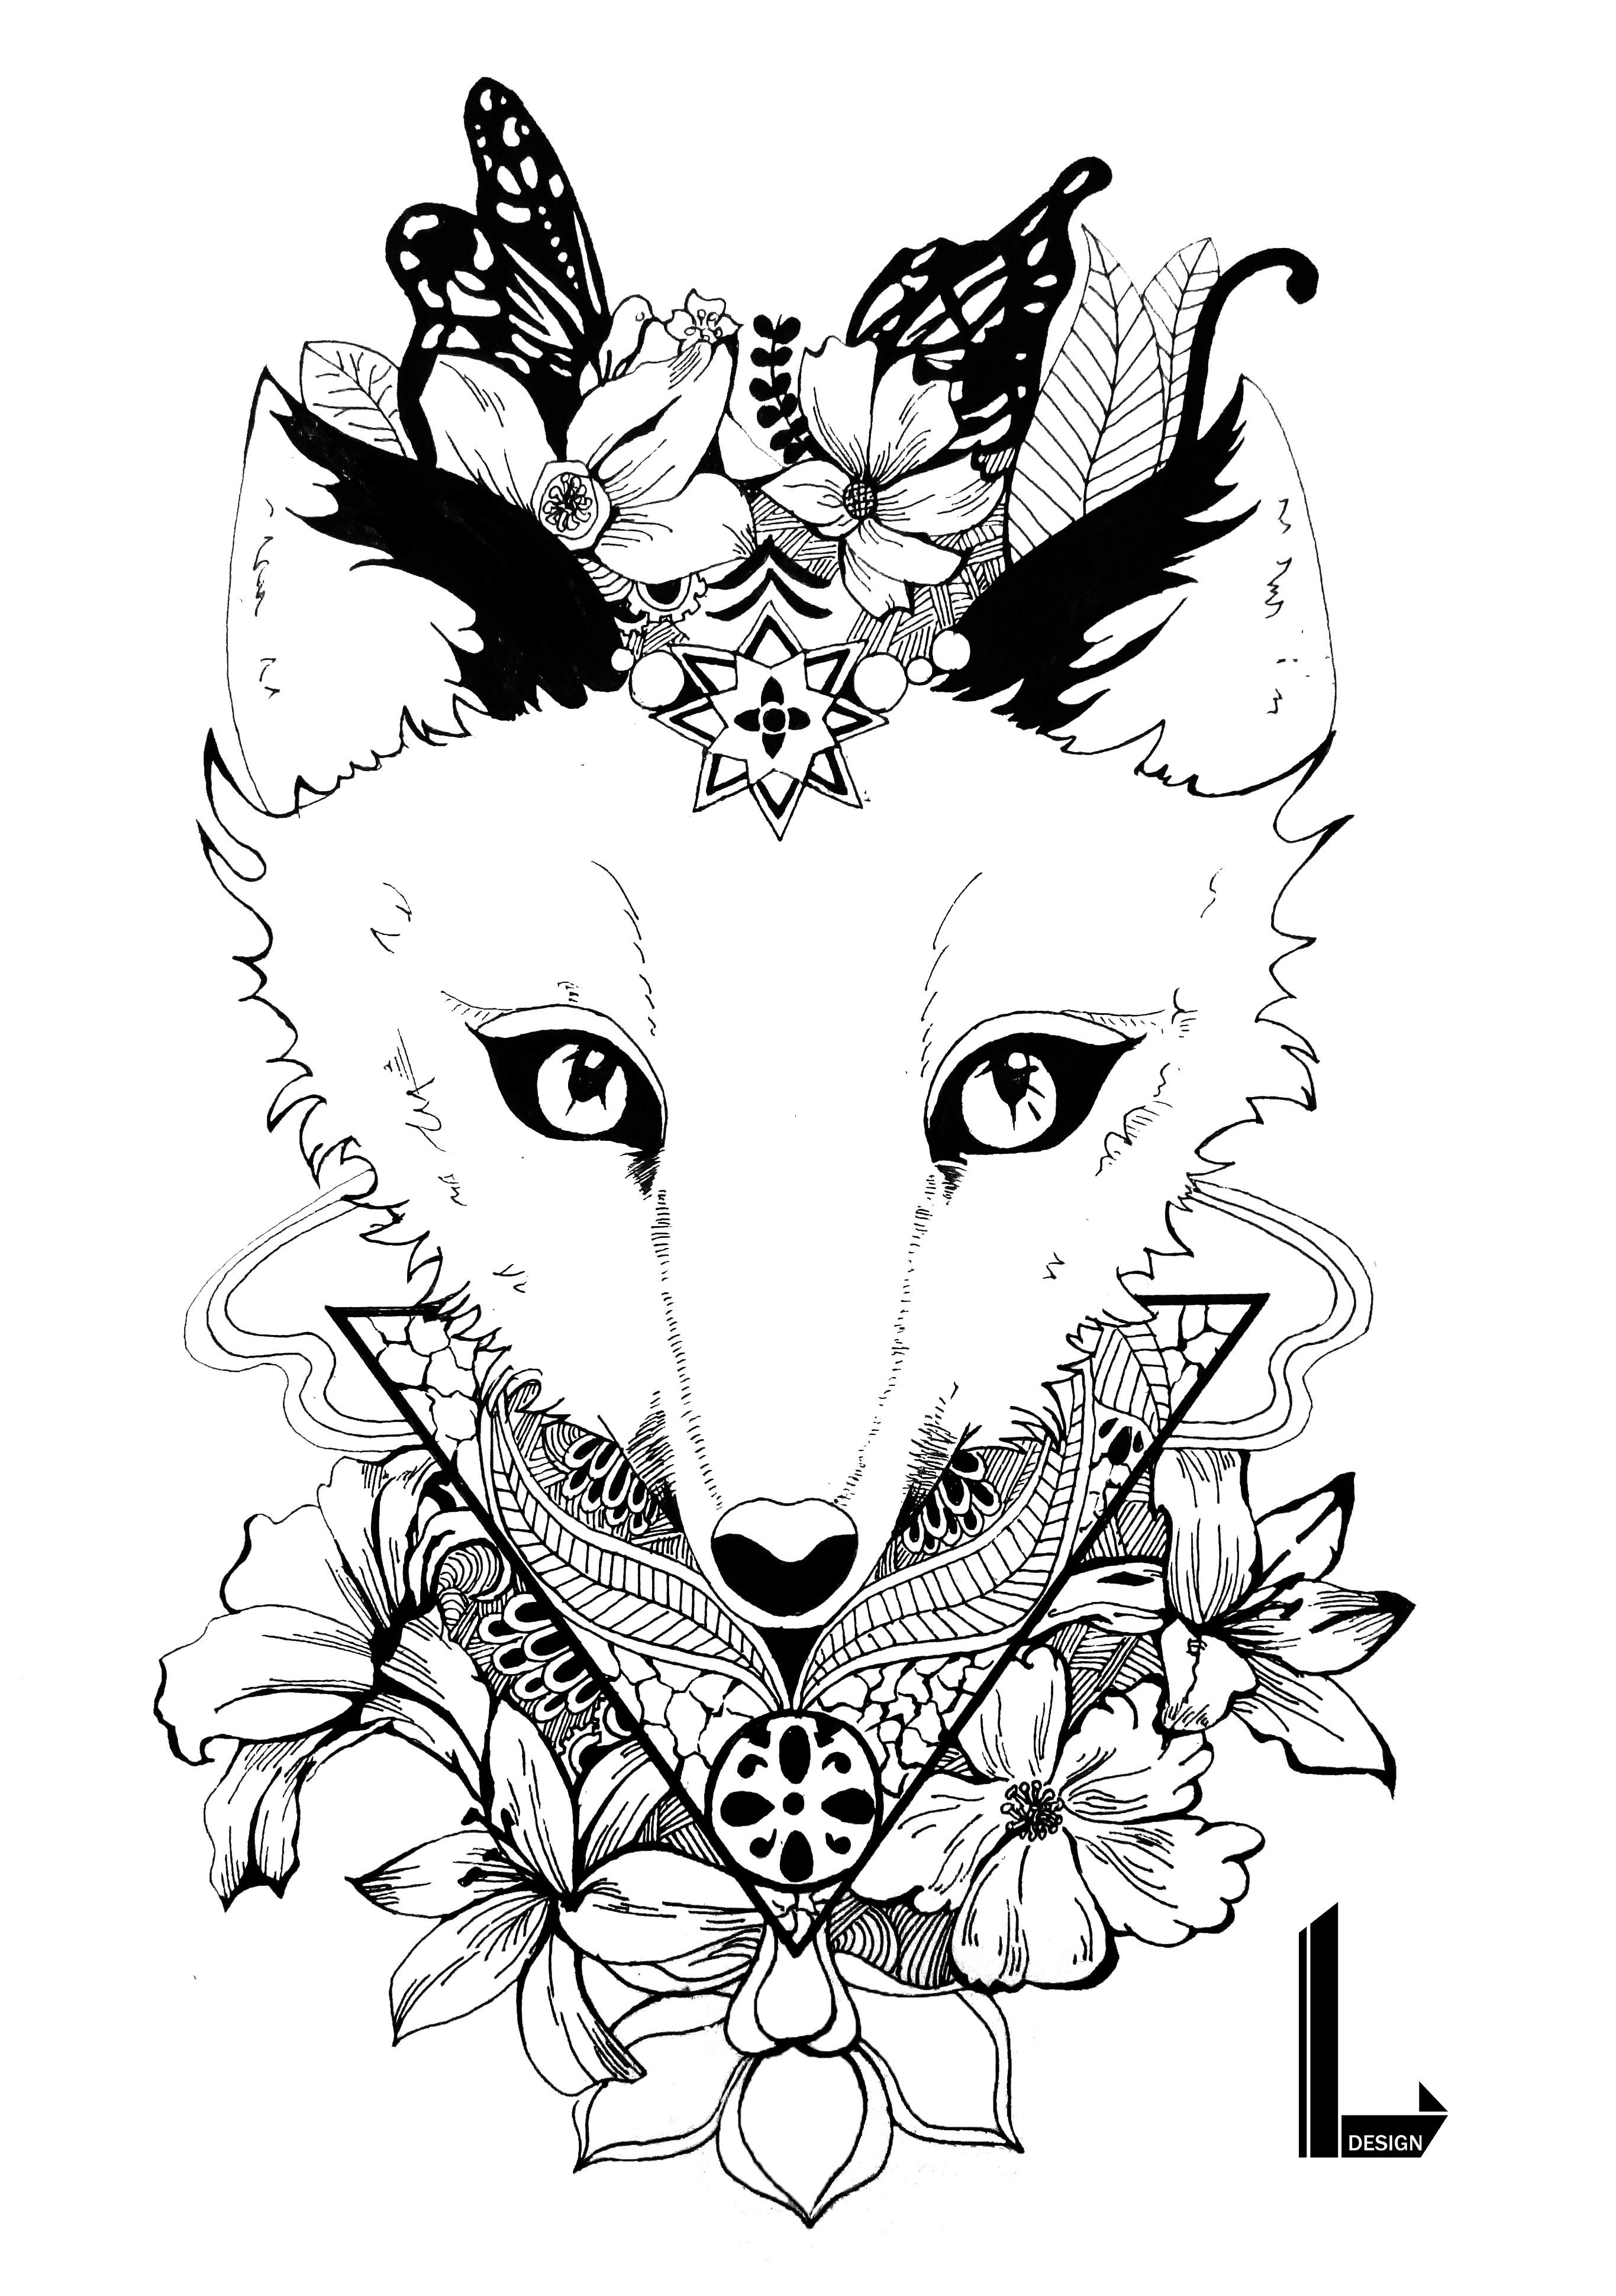 动物系列-黑白手绘装饰画